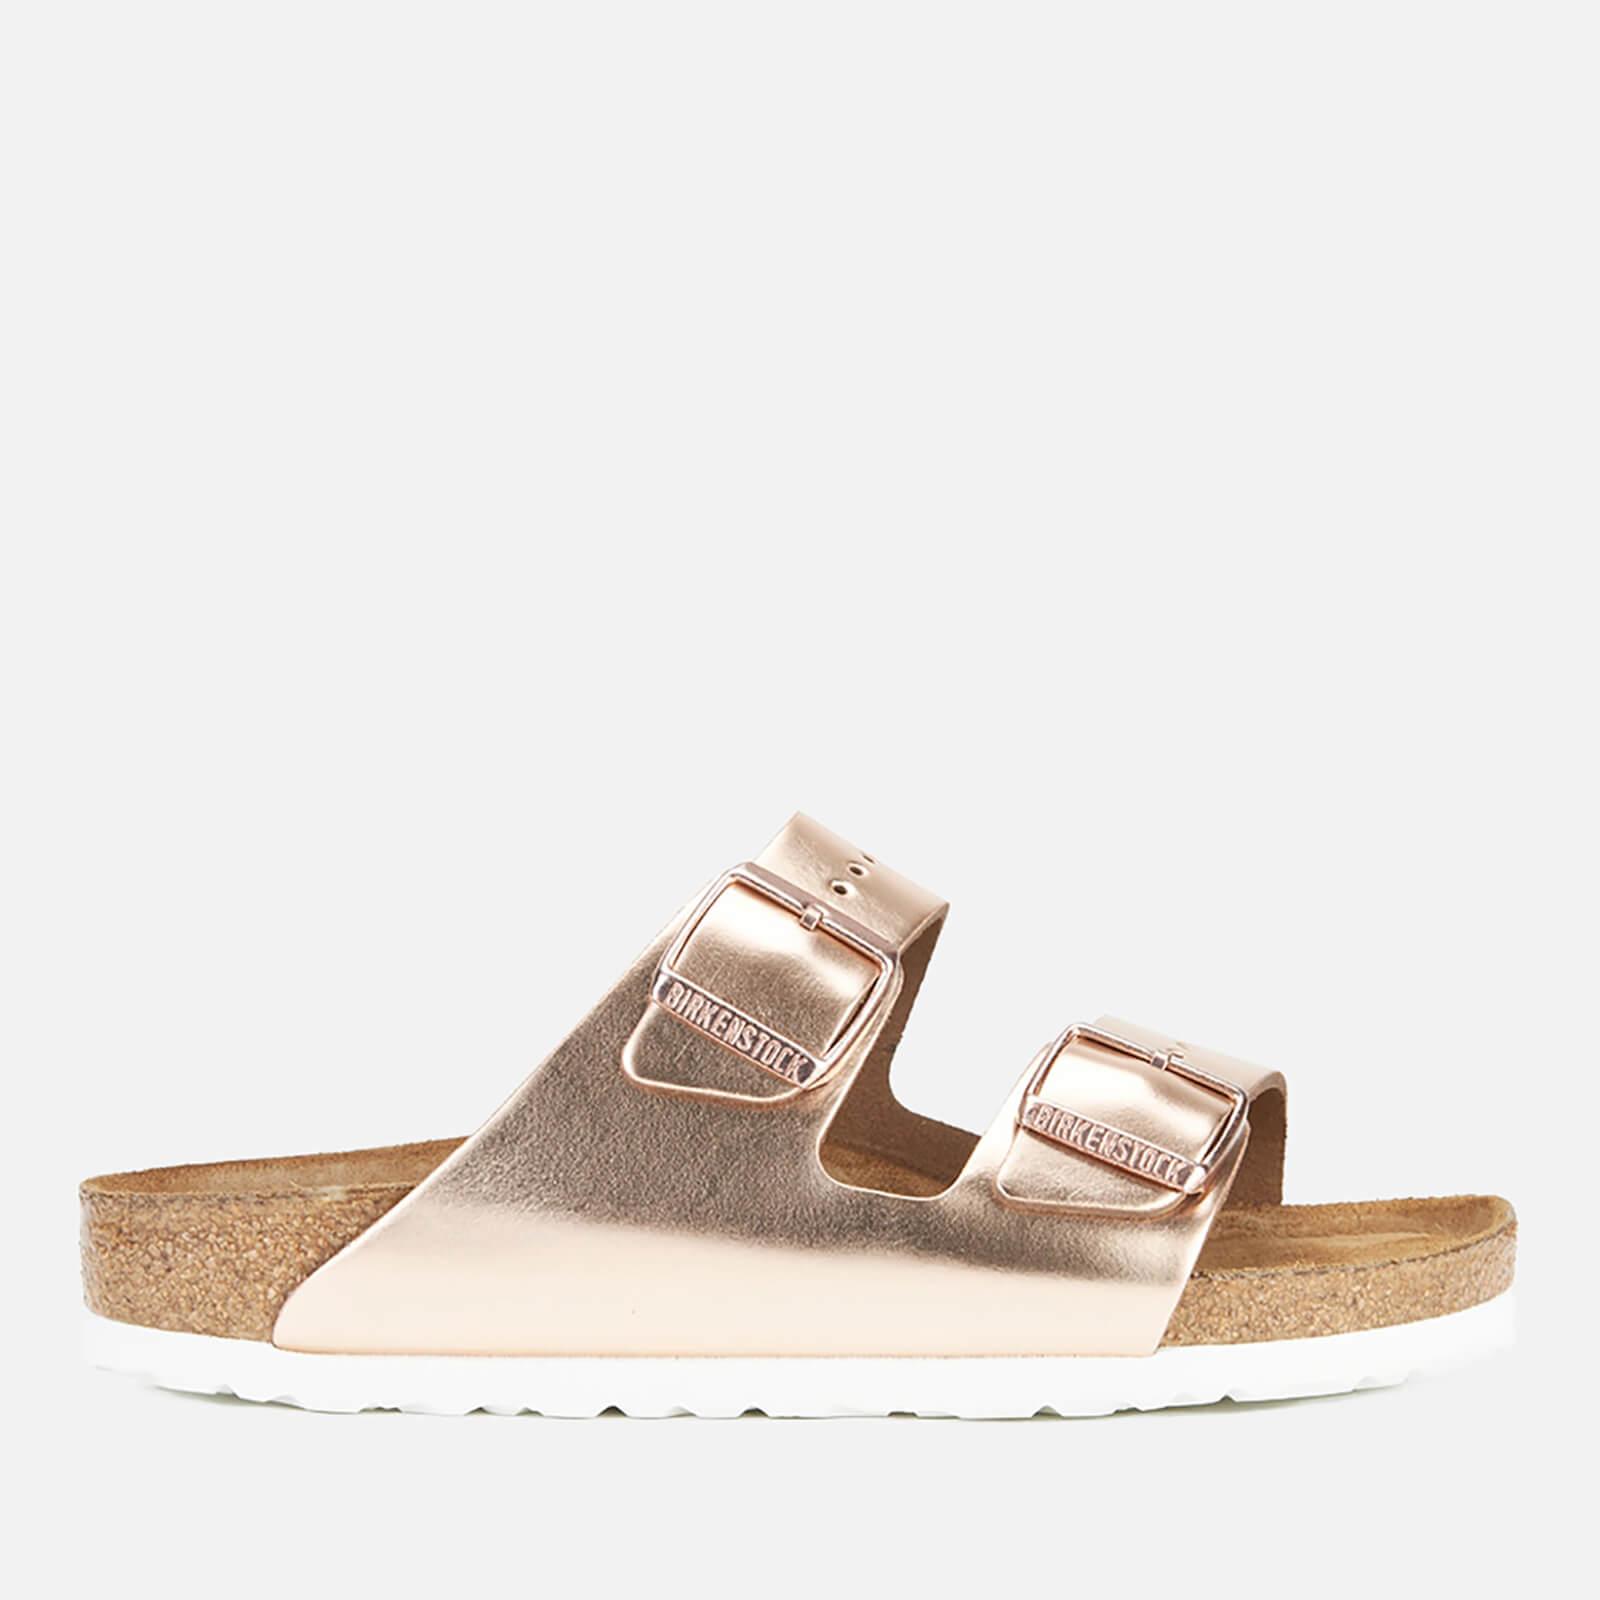 Birkenstock Women's Arizona Leather Double Strap Sandals - Metallic Copper - EU 40/UK 7